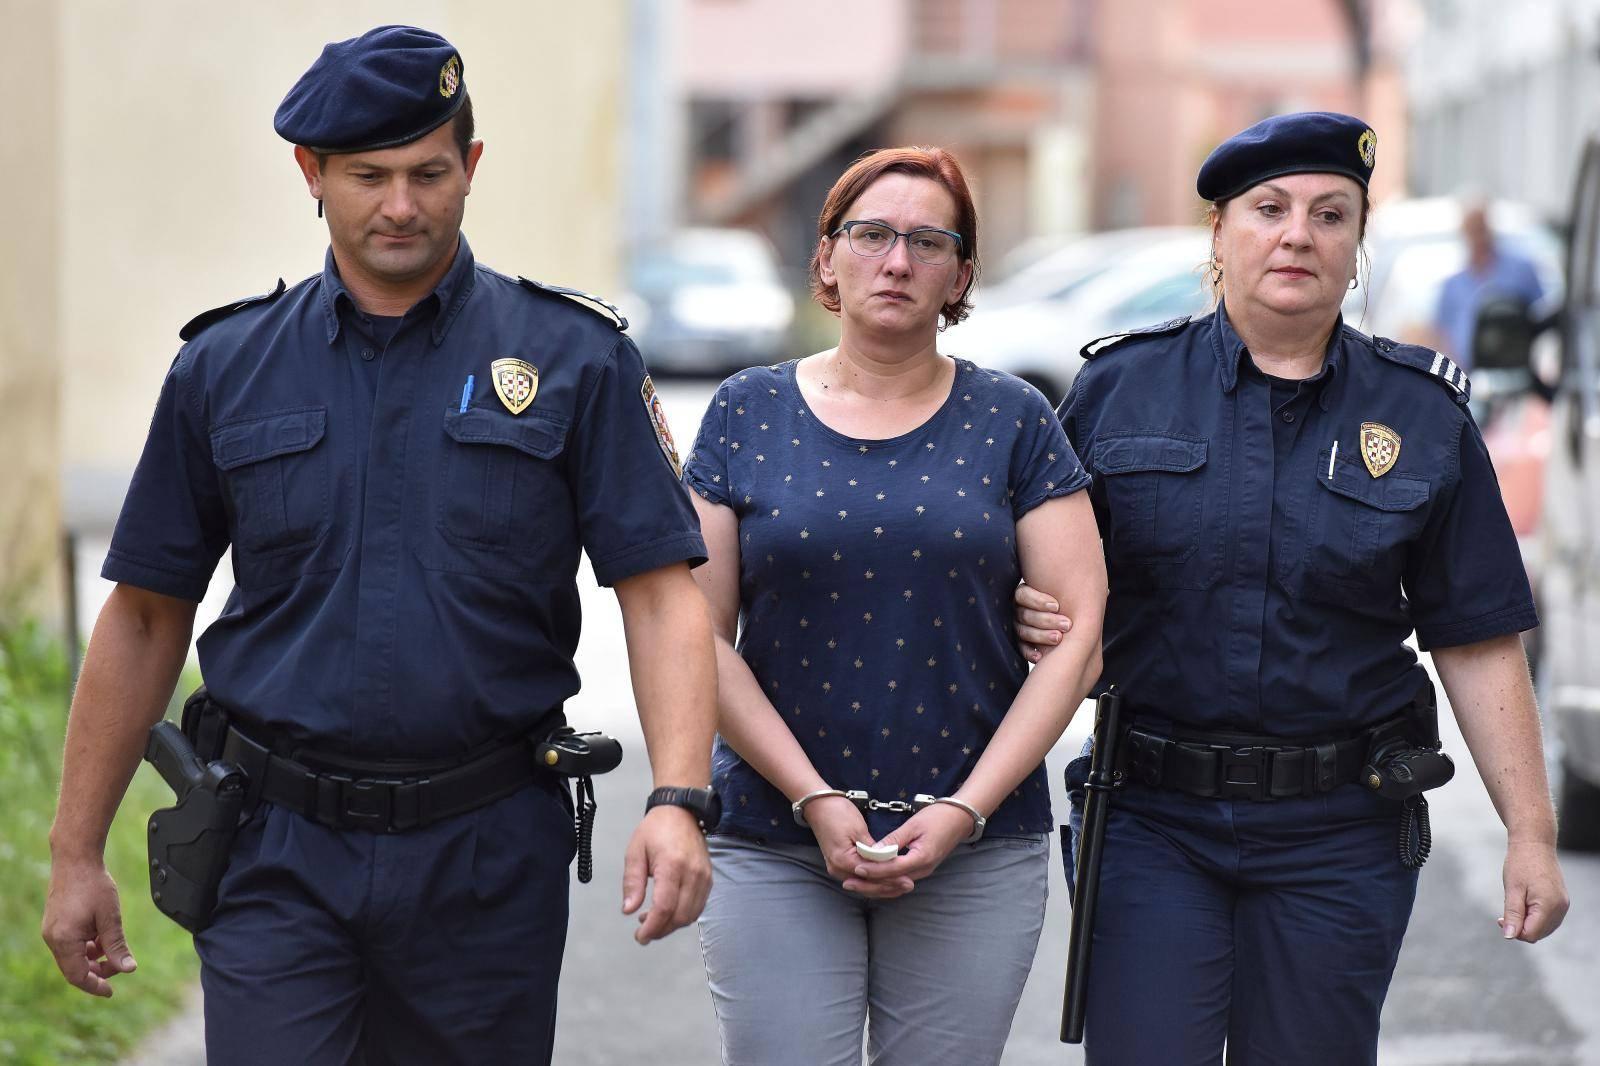 Potvrđena optužnica u slučaju škrinja: Srnec plakala na sudu